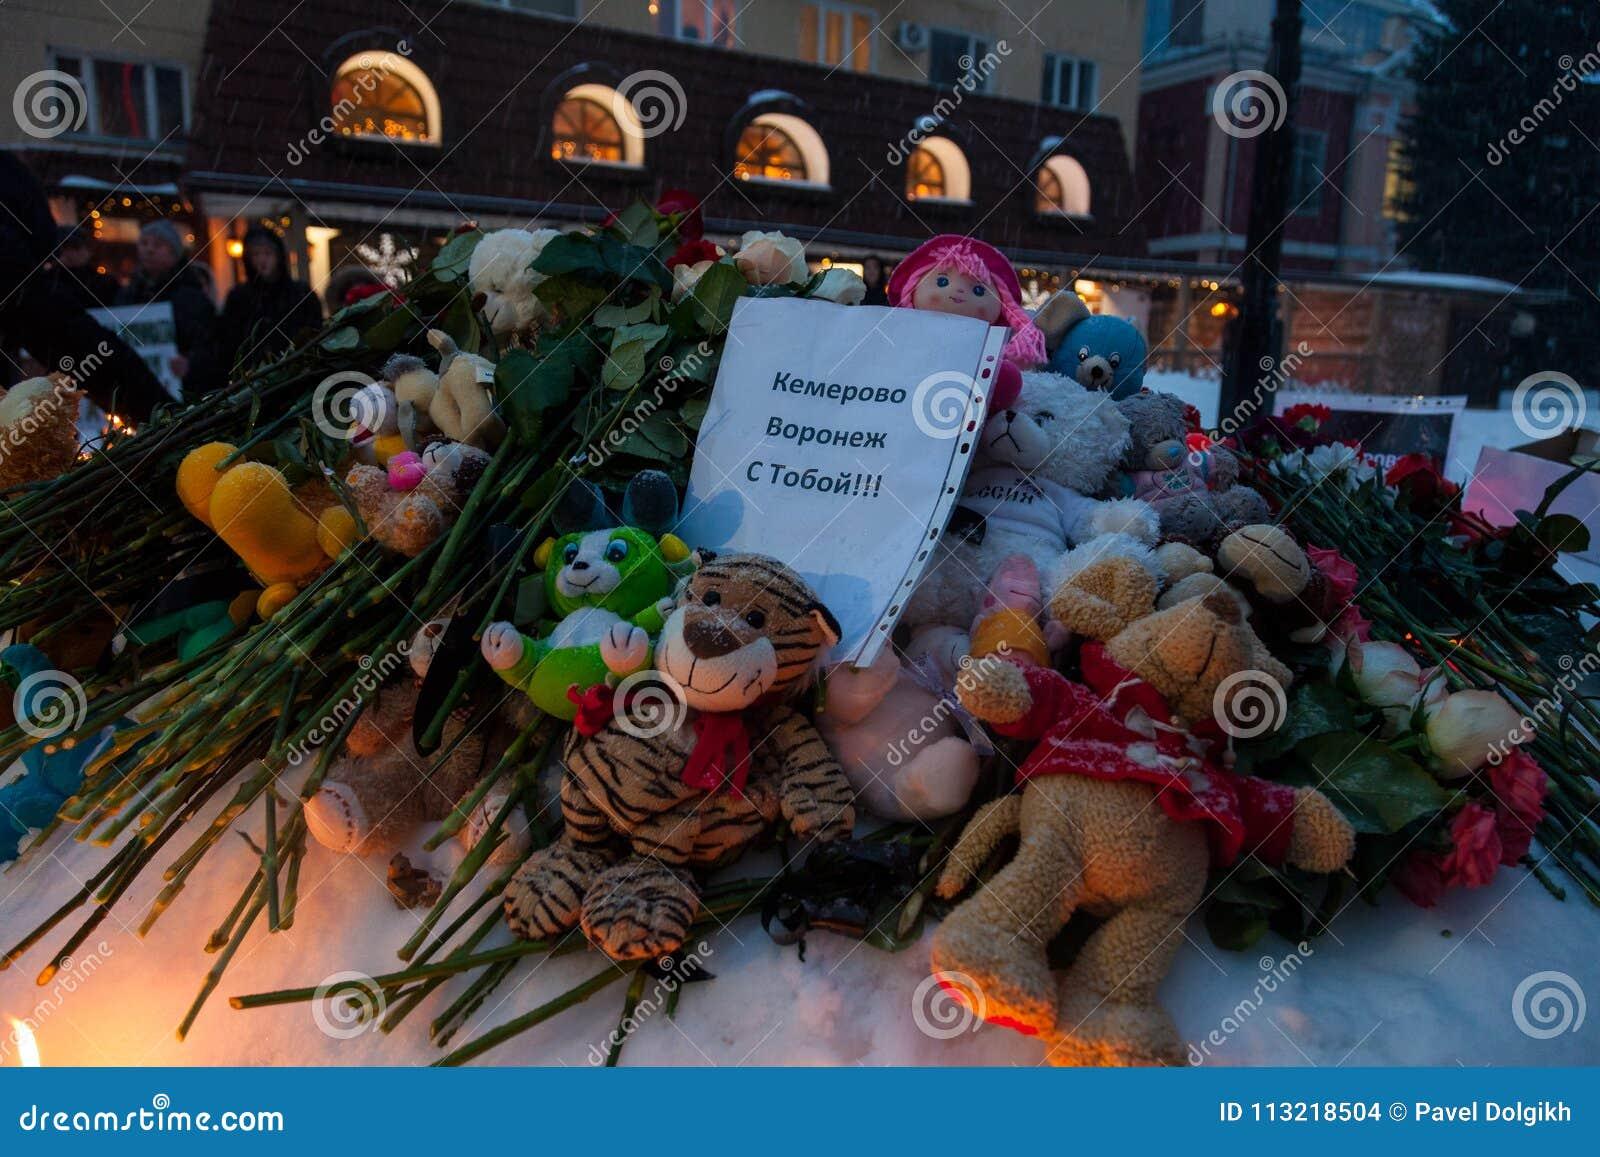 27 Marzec 2018, ROSJA, VORONEZH: Akcja upamiętniać ofiary ogień w centrum handlowym w Kemerovo